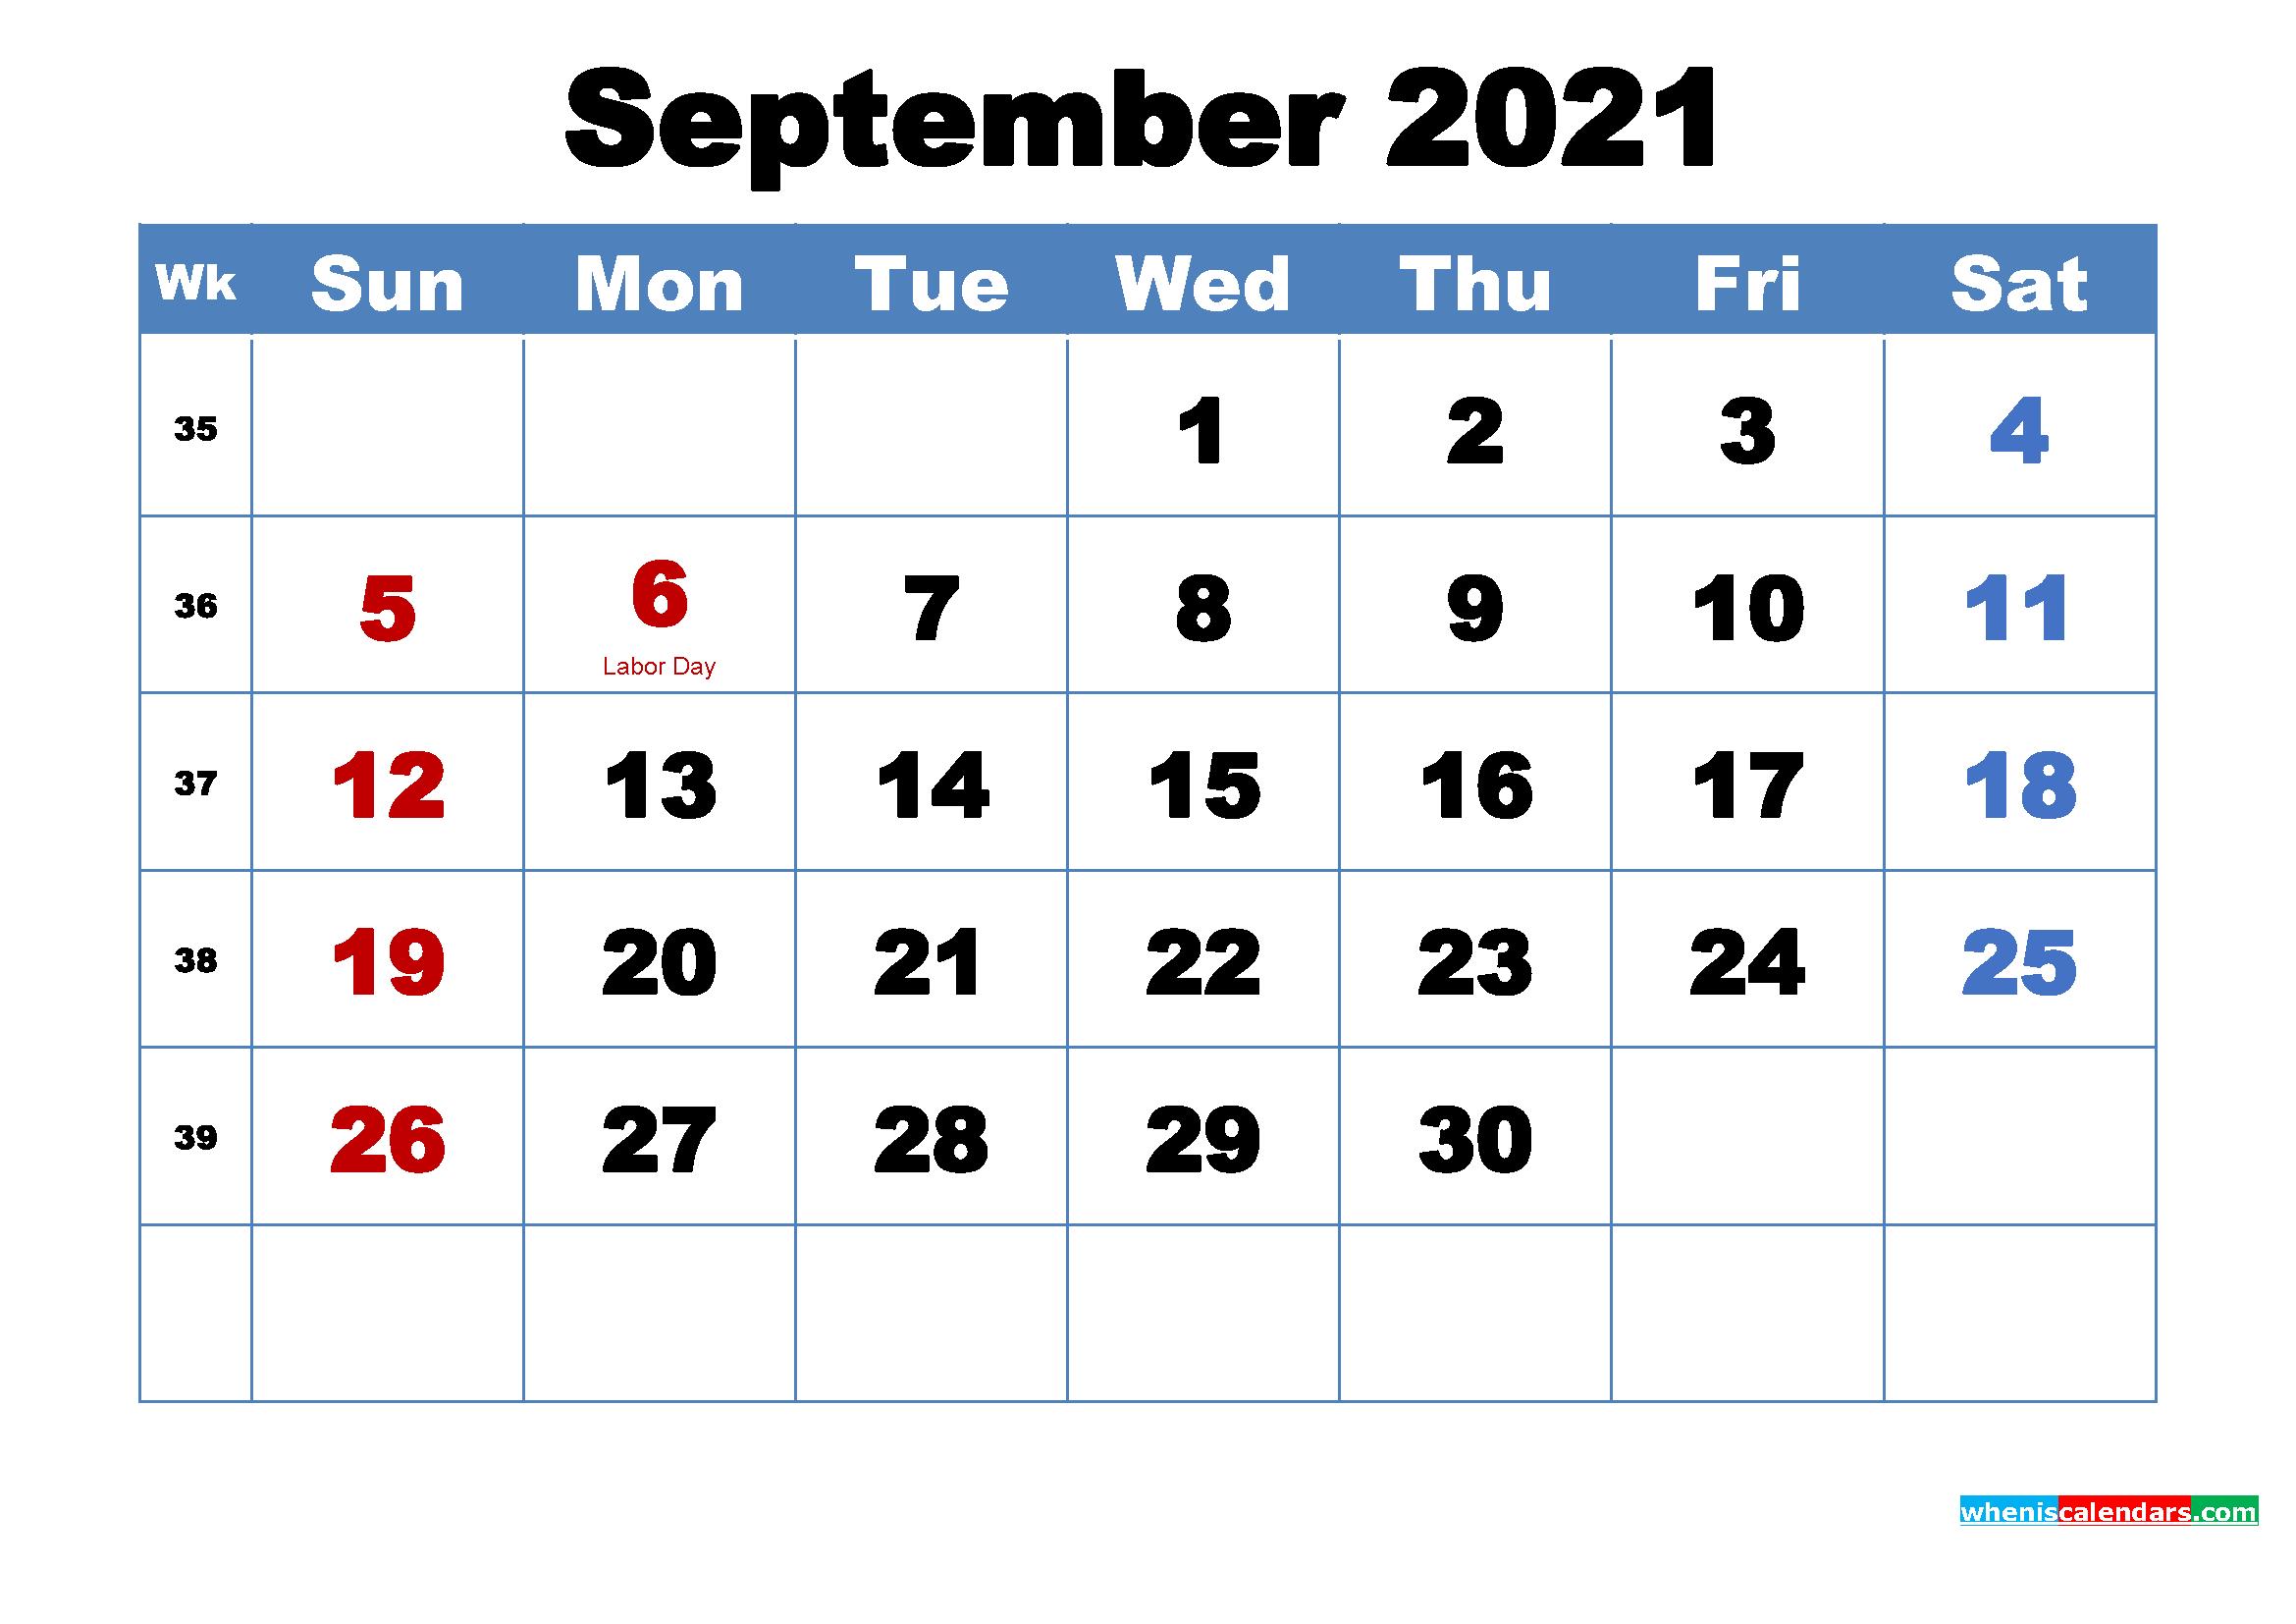 September 2021 Desktop Calendar Free Download